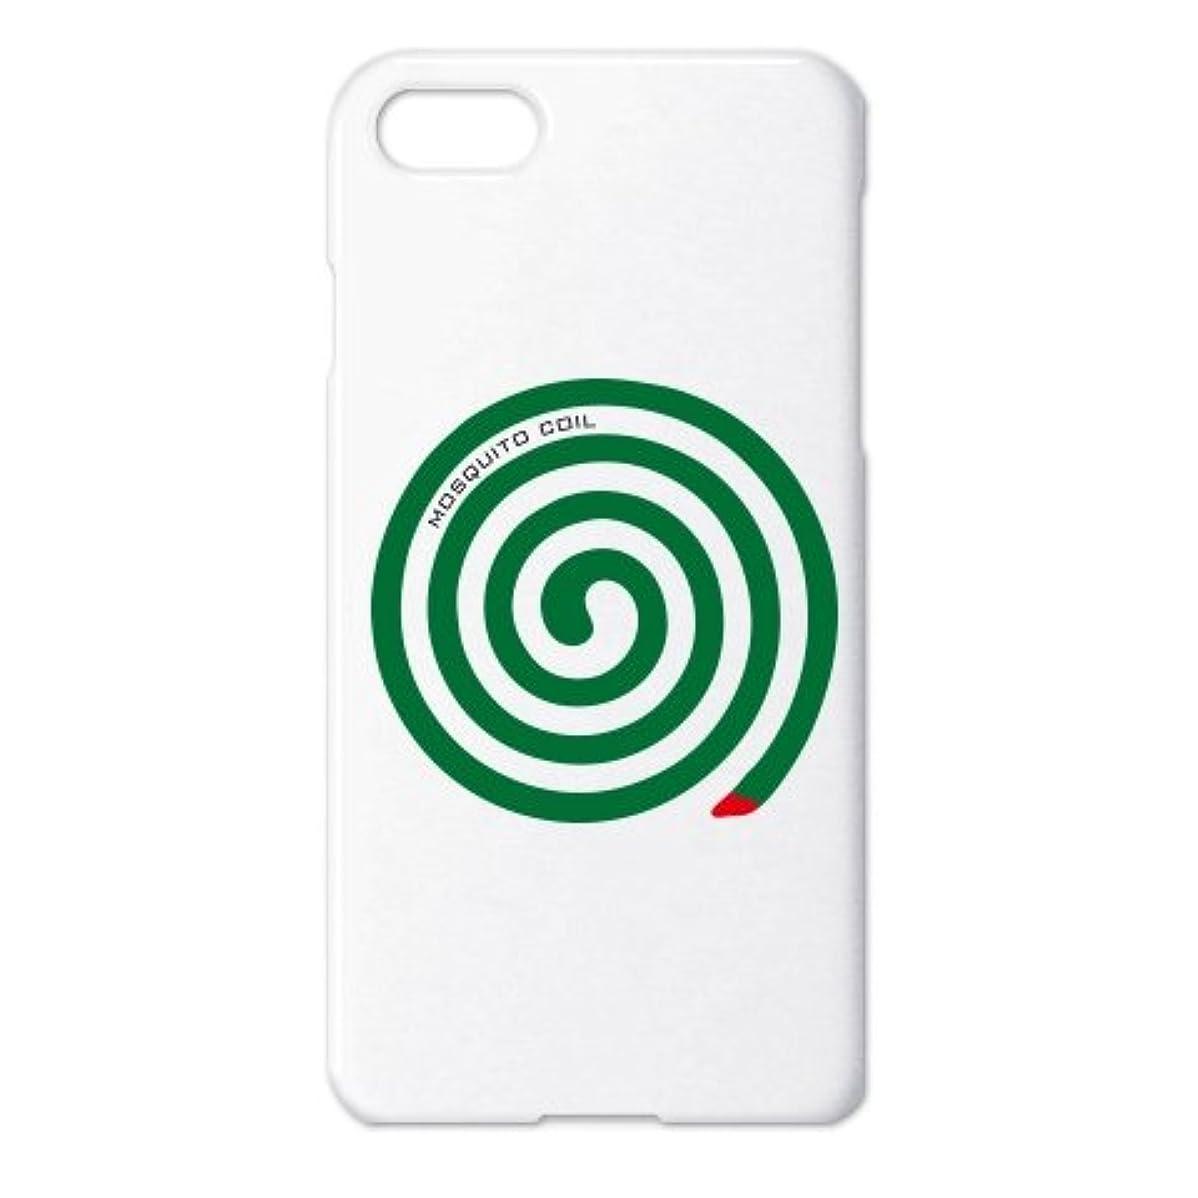 に負ける振りかける海洋の(クラブティー) ClubT 蚊取り線香(Mosquito Coil) iPhone7ケース(ホワイト) ホワイト